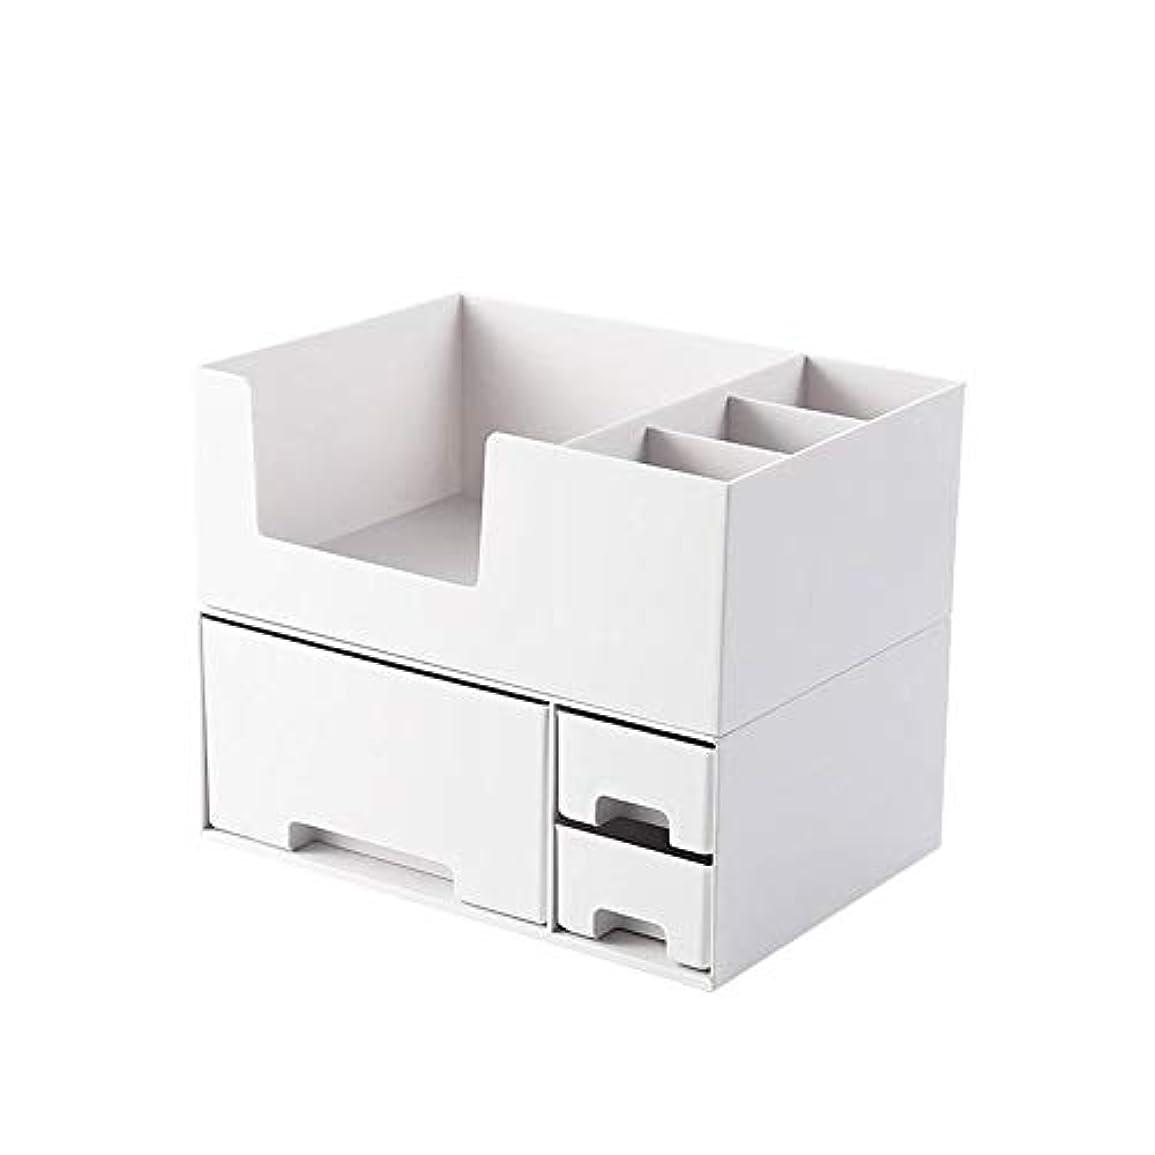 歌詞姓資本Bostar 化粧品収納ボックス メイクボックス コスメケース 引き出し 小物入れ 収納ケース 整理簡単 北欧 おしゃれ ホワイト